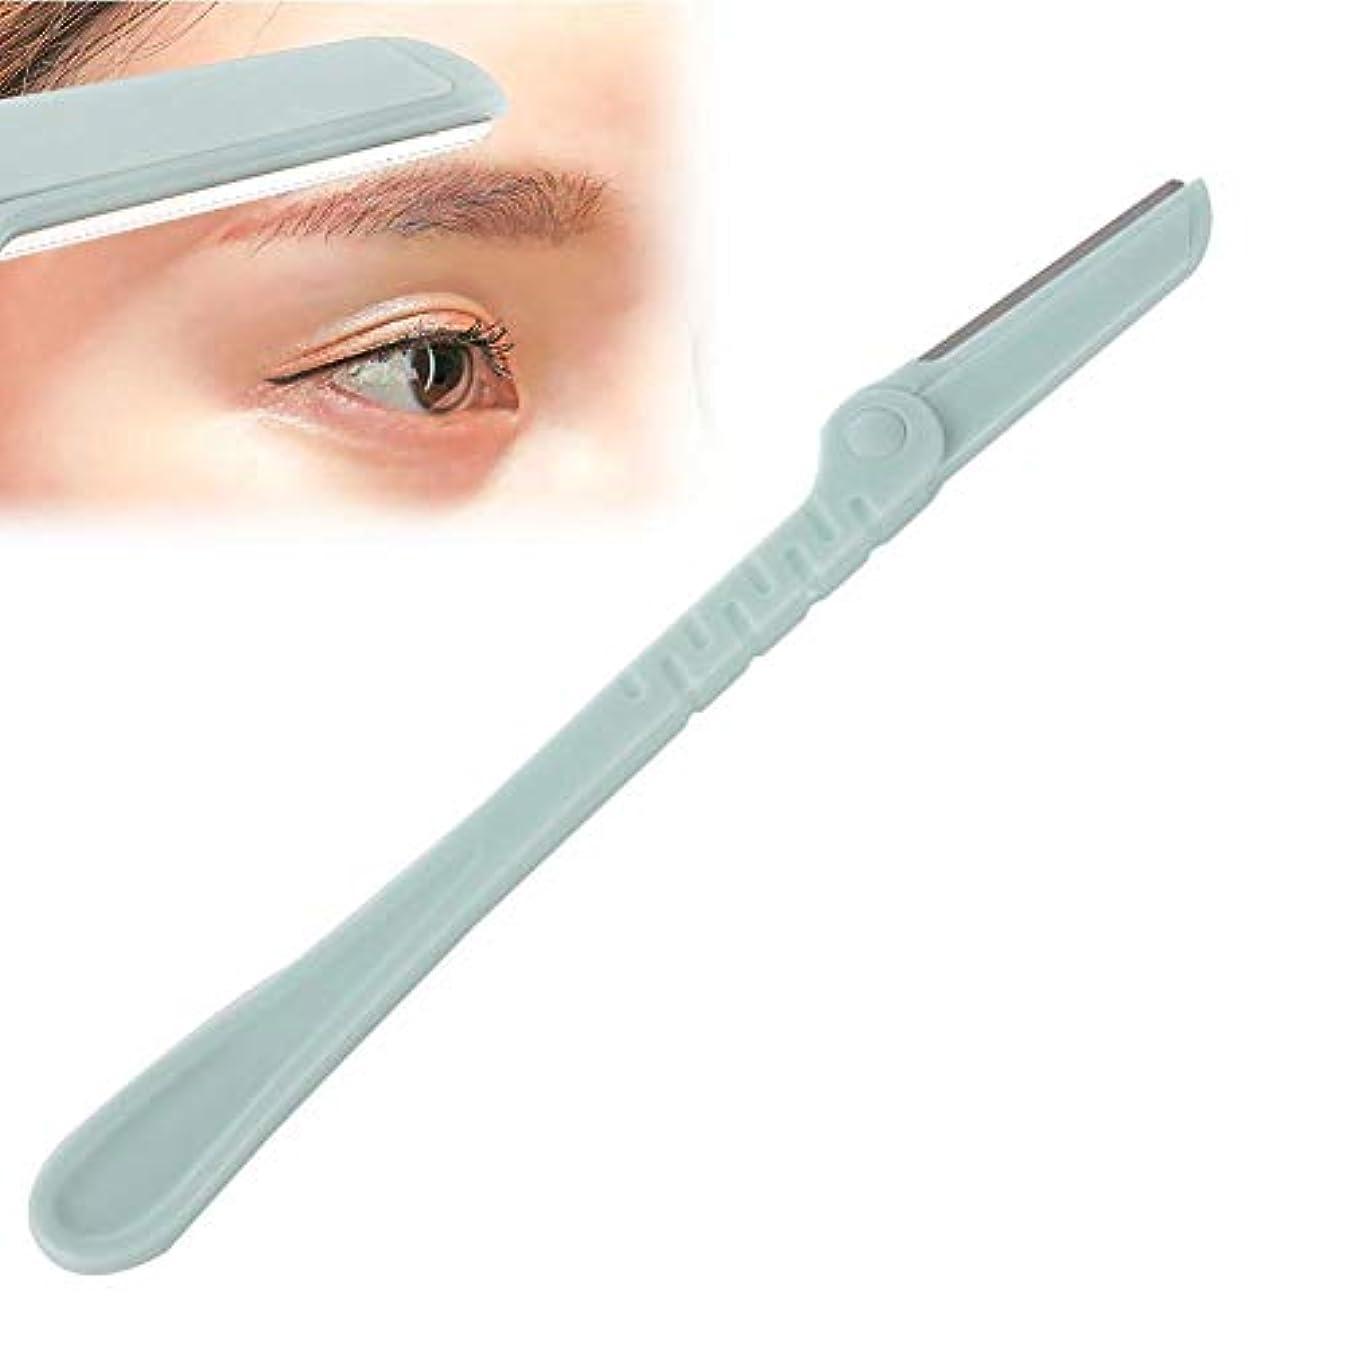 初心者約束する語1ピース眉毛カミソリ化粧道具 - 女性と男性の顔のリムーバー、眉毛カミソリの顔かみそりのヘアトリマーヘアトリマーのための美しい眉毛